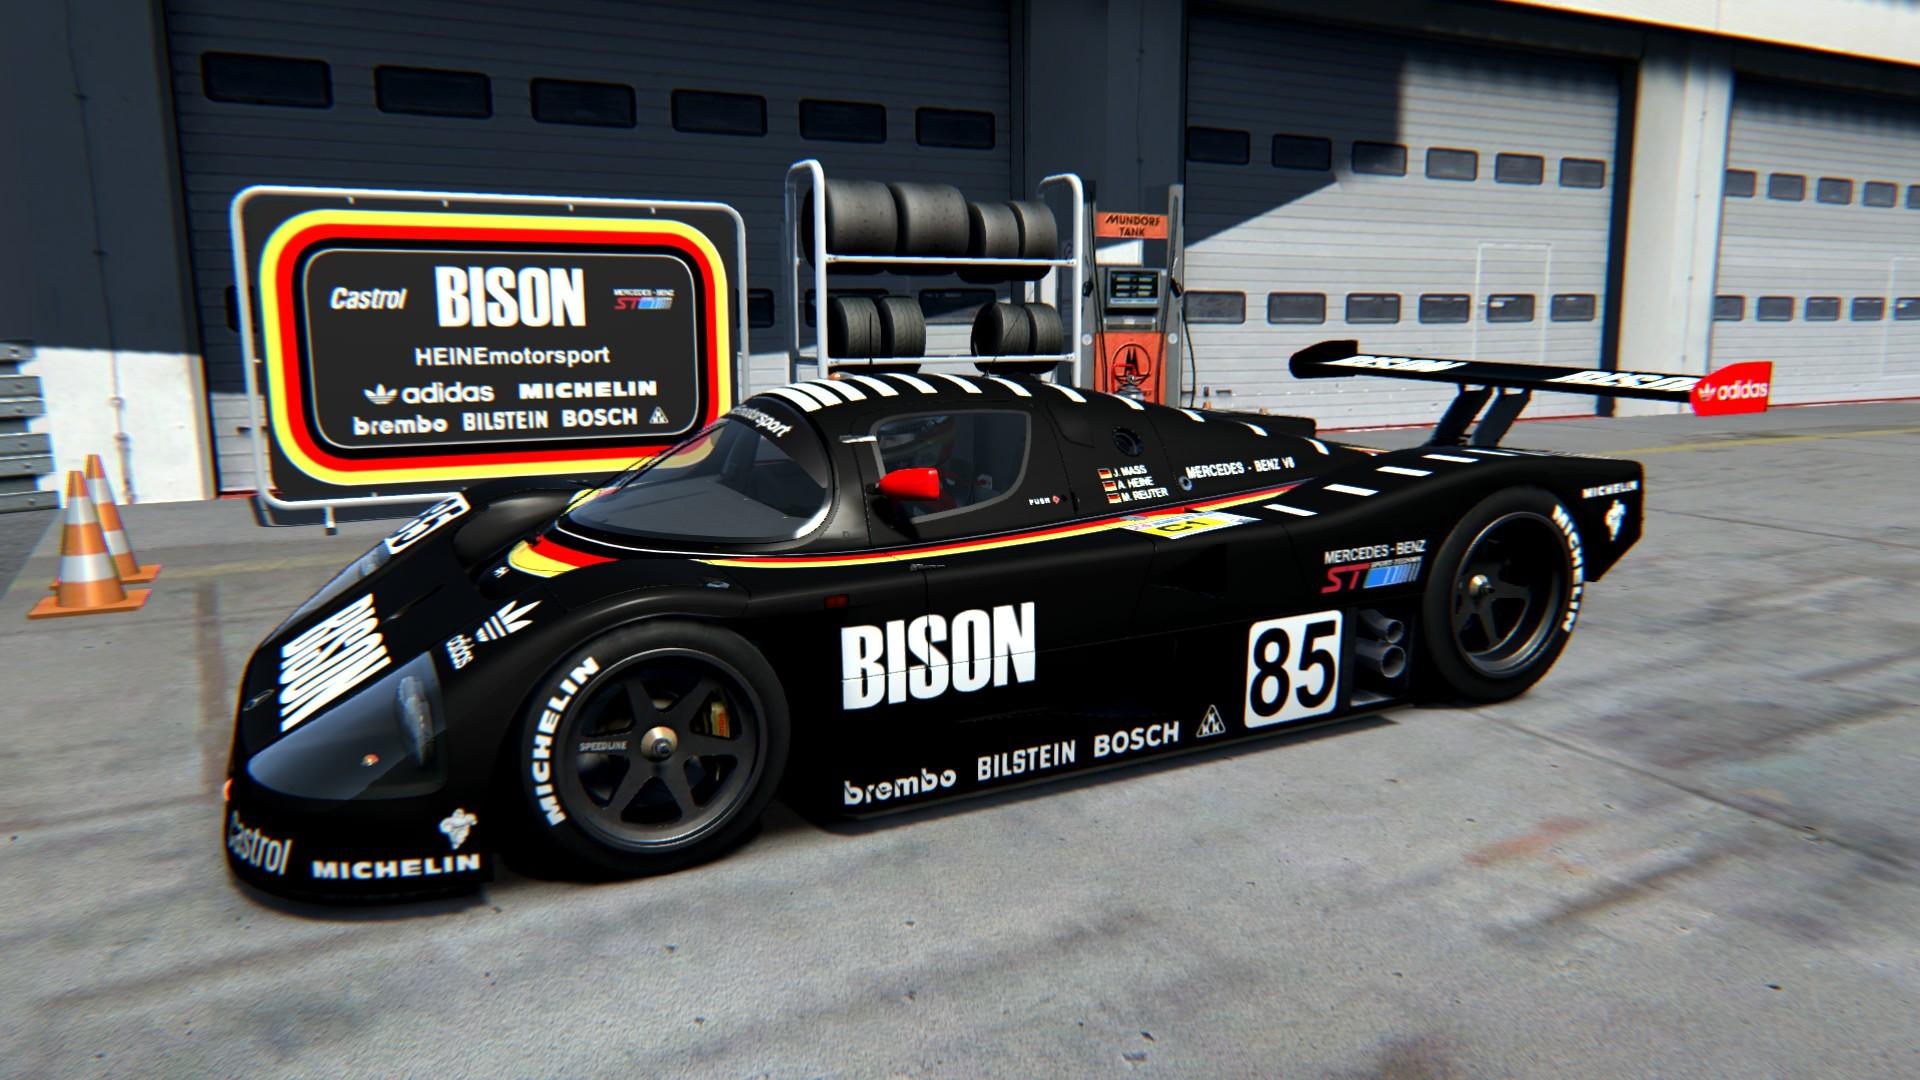 bison_c9_02.jpg